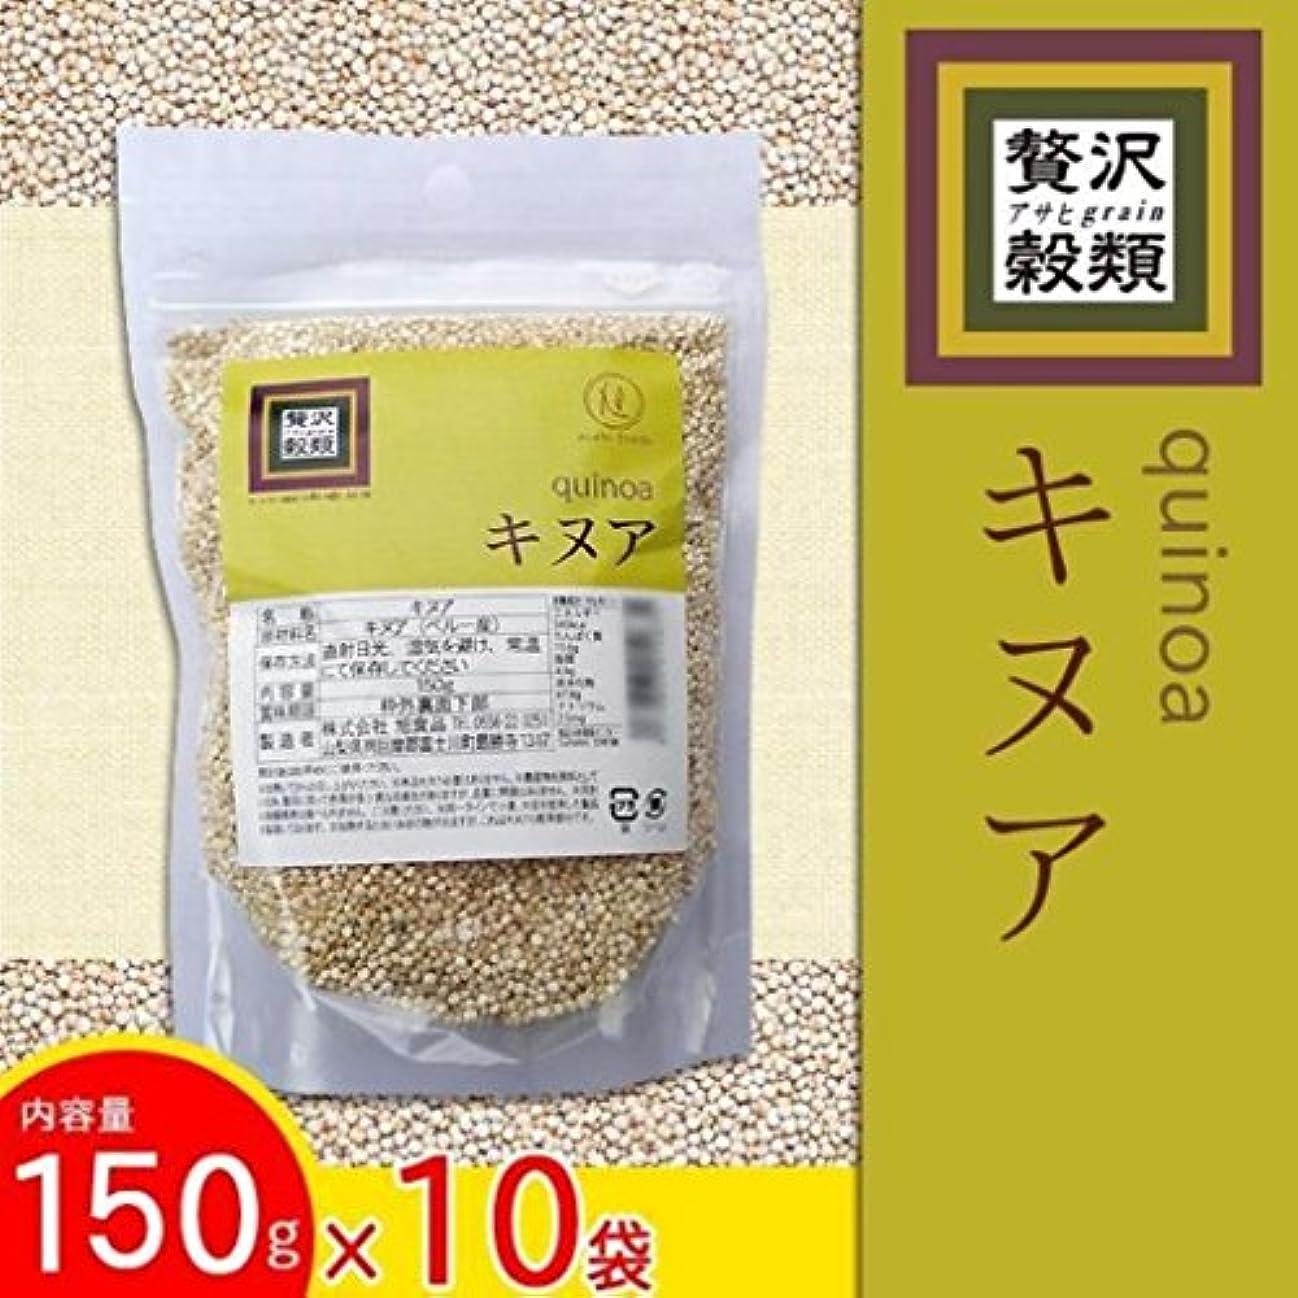 グリップ眩惑する自動贅沢穀類 キヌア 150g×10袋